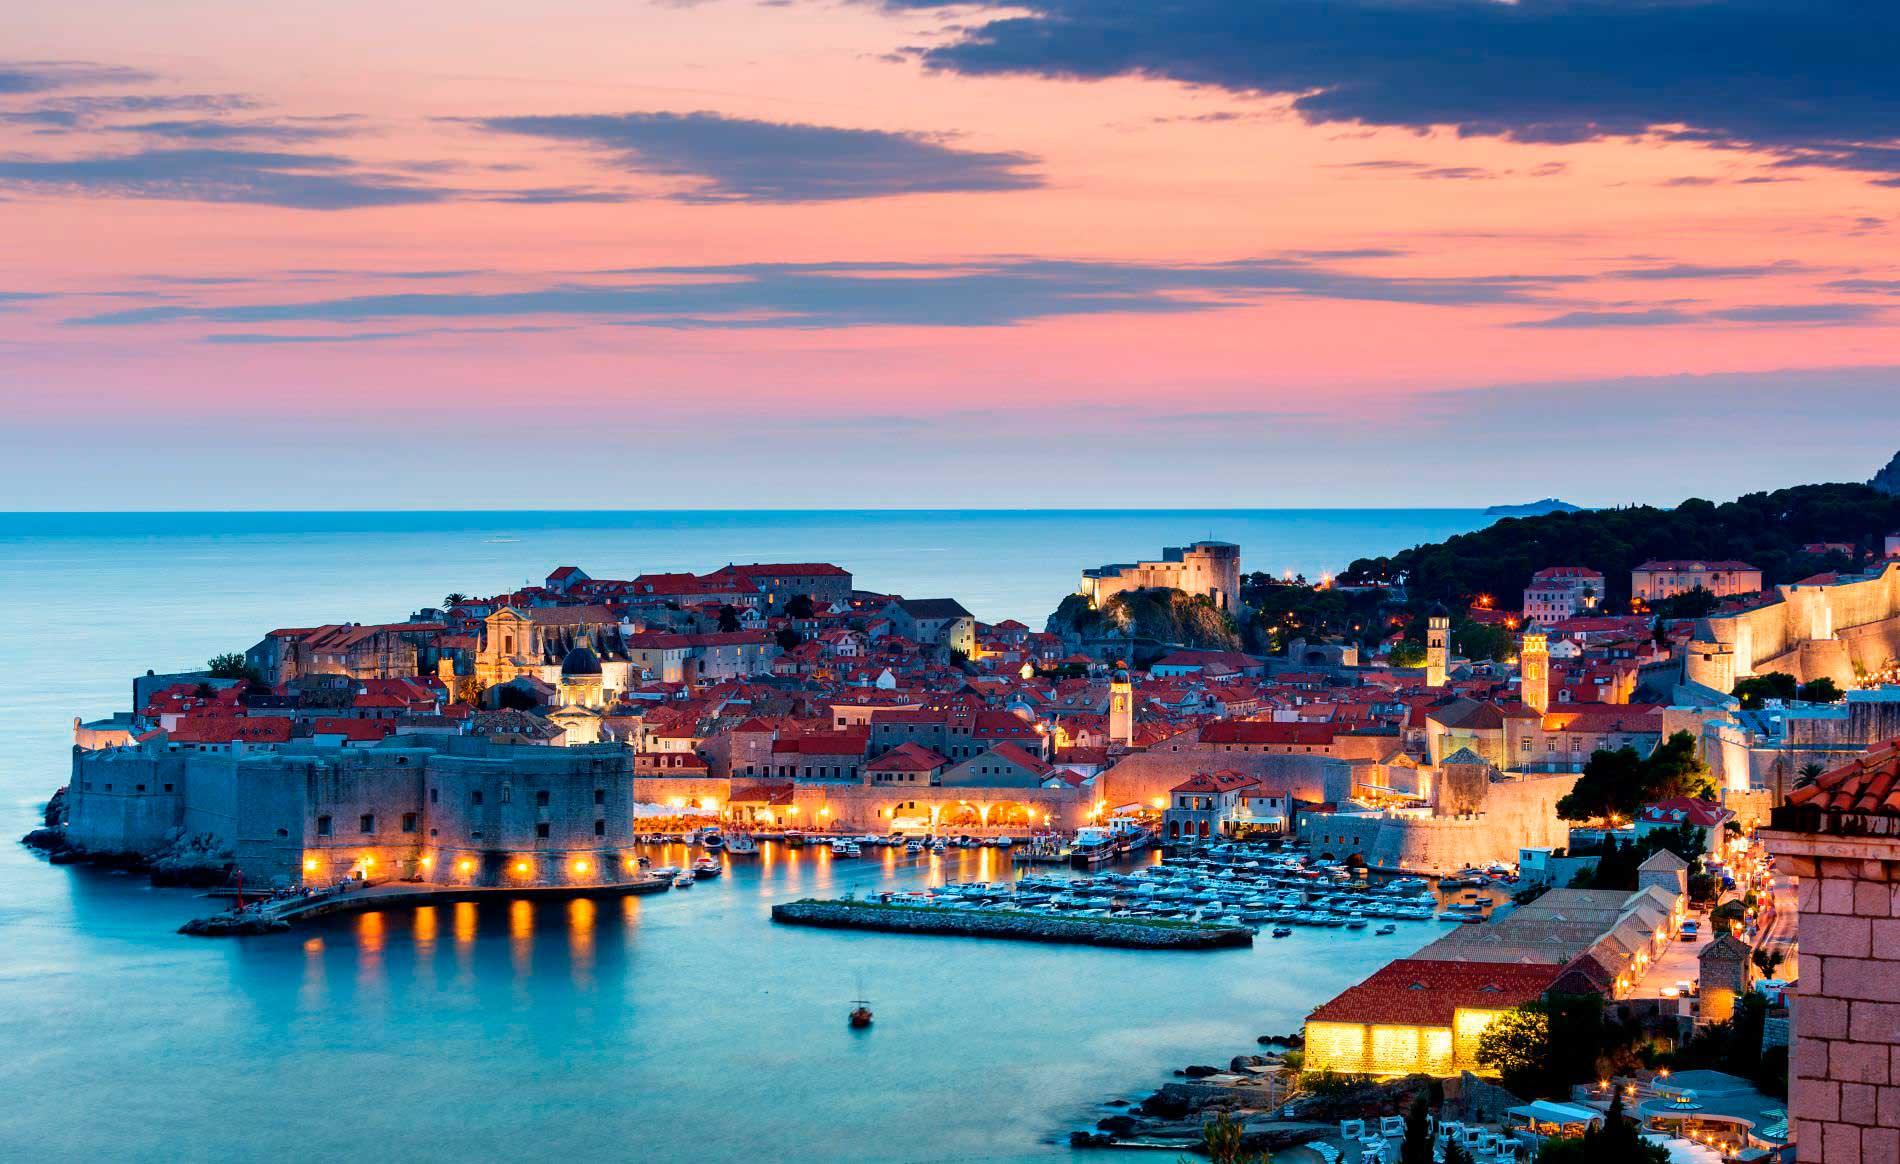 Dubrovnik/ Crédito foto: http://www.loucoporviagens.com.br/destinos/europa/croacia/dubrovnik/